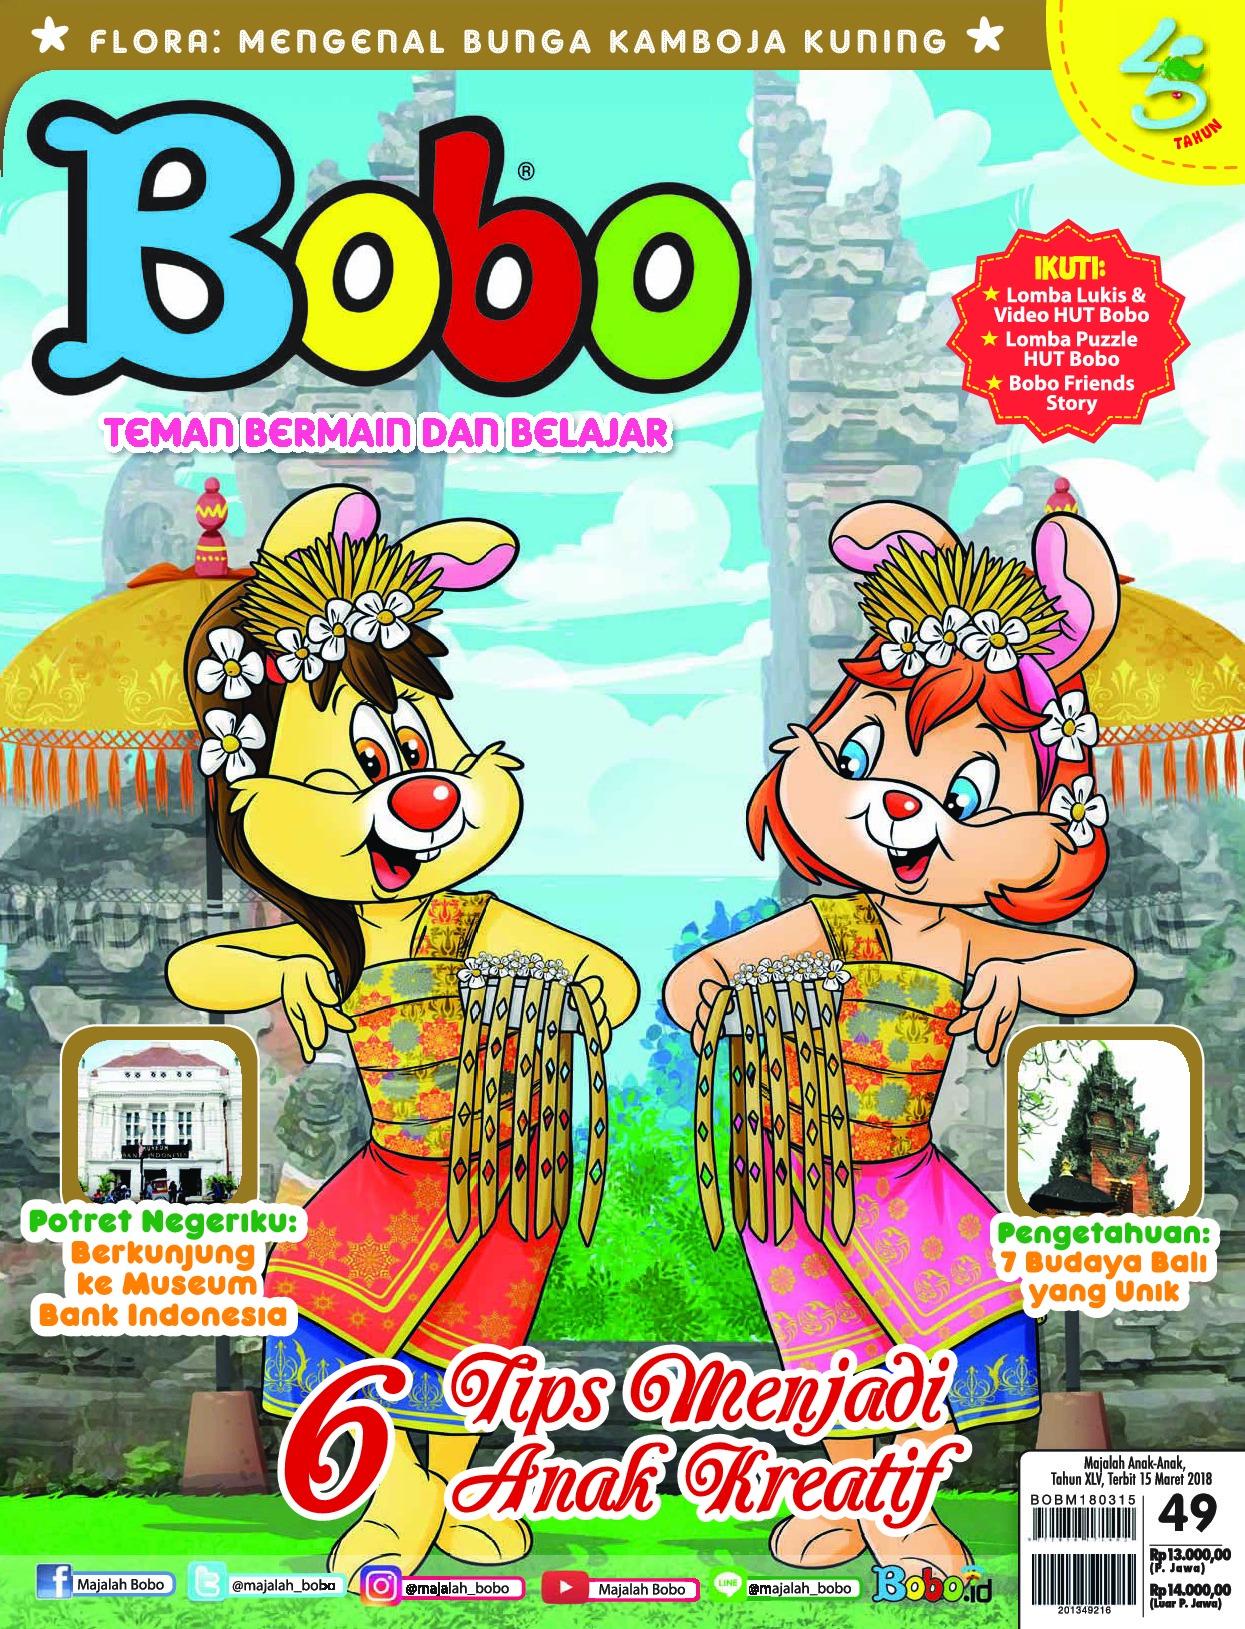 Bobo Magazine Ed 49 March 2018 Gramedia Digital Majalah Tk